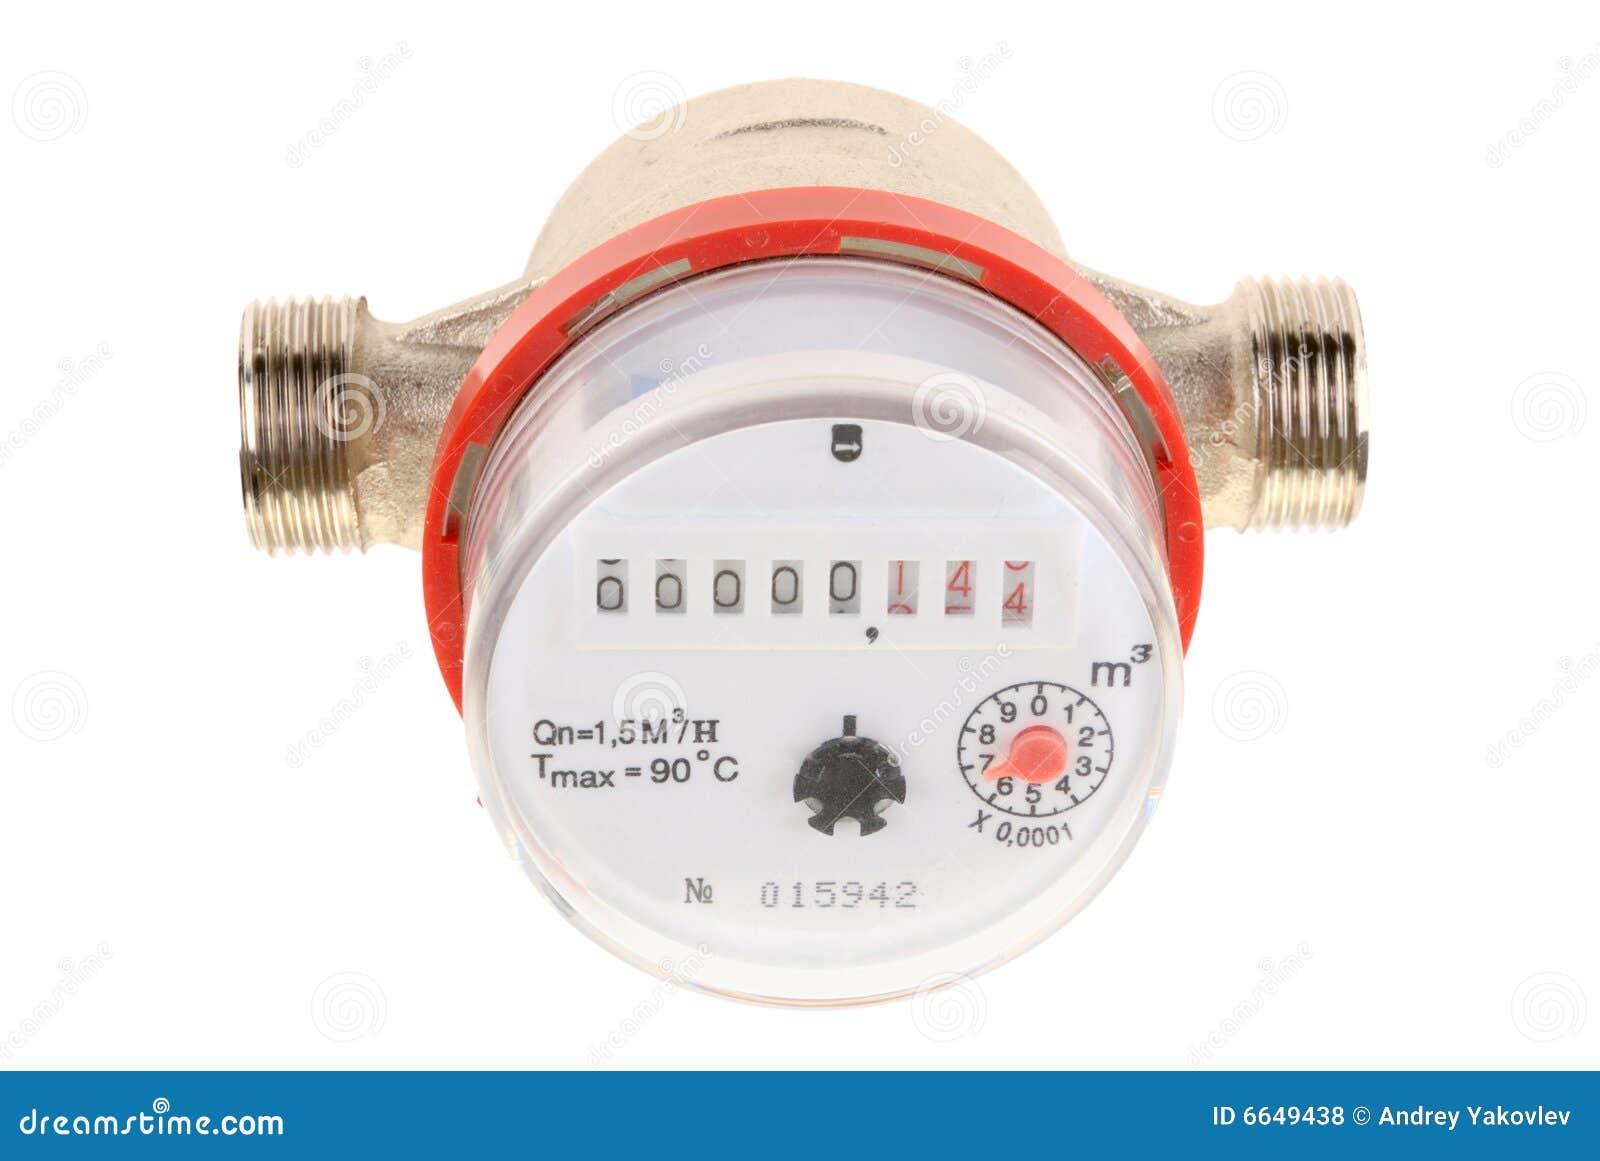 Water meter hook up